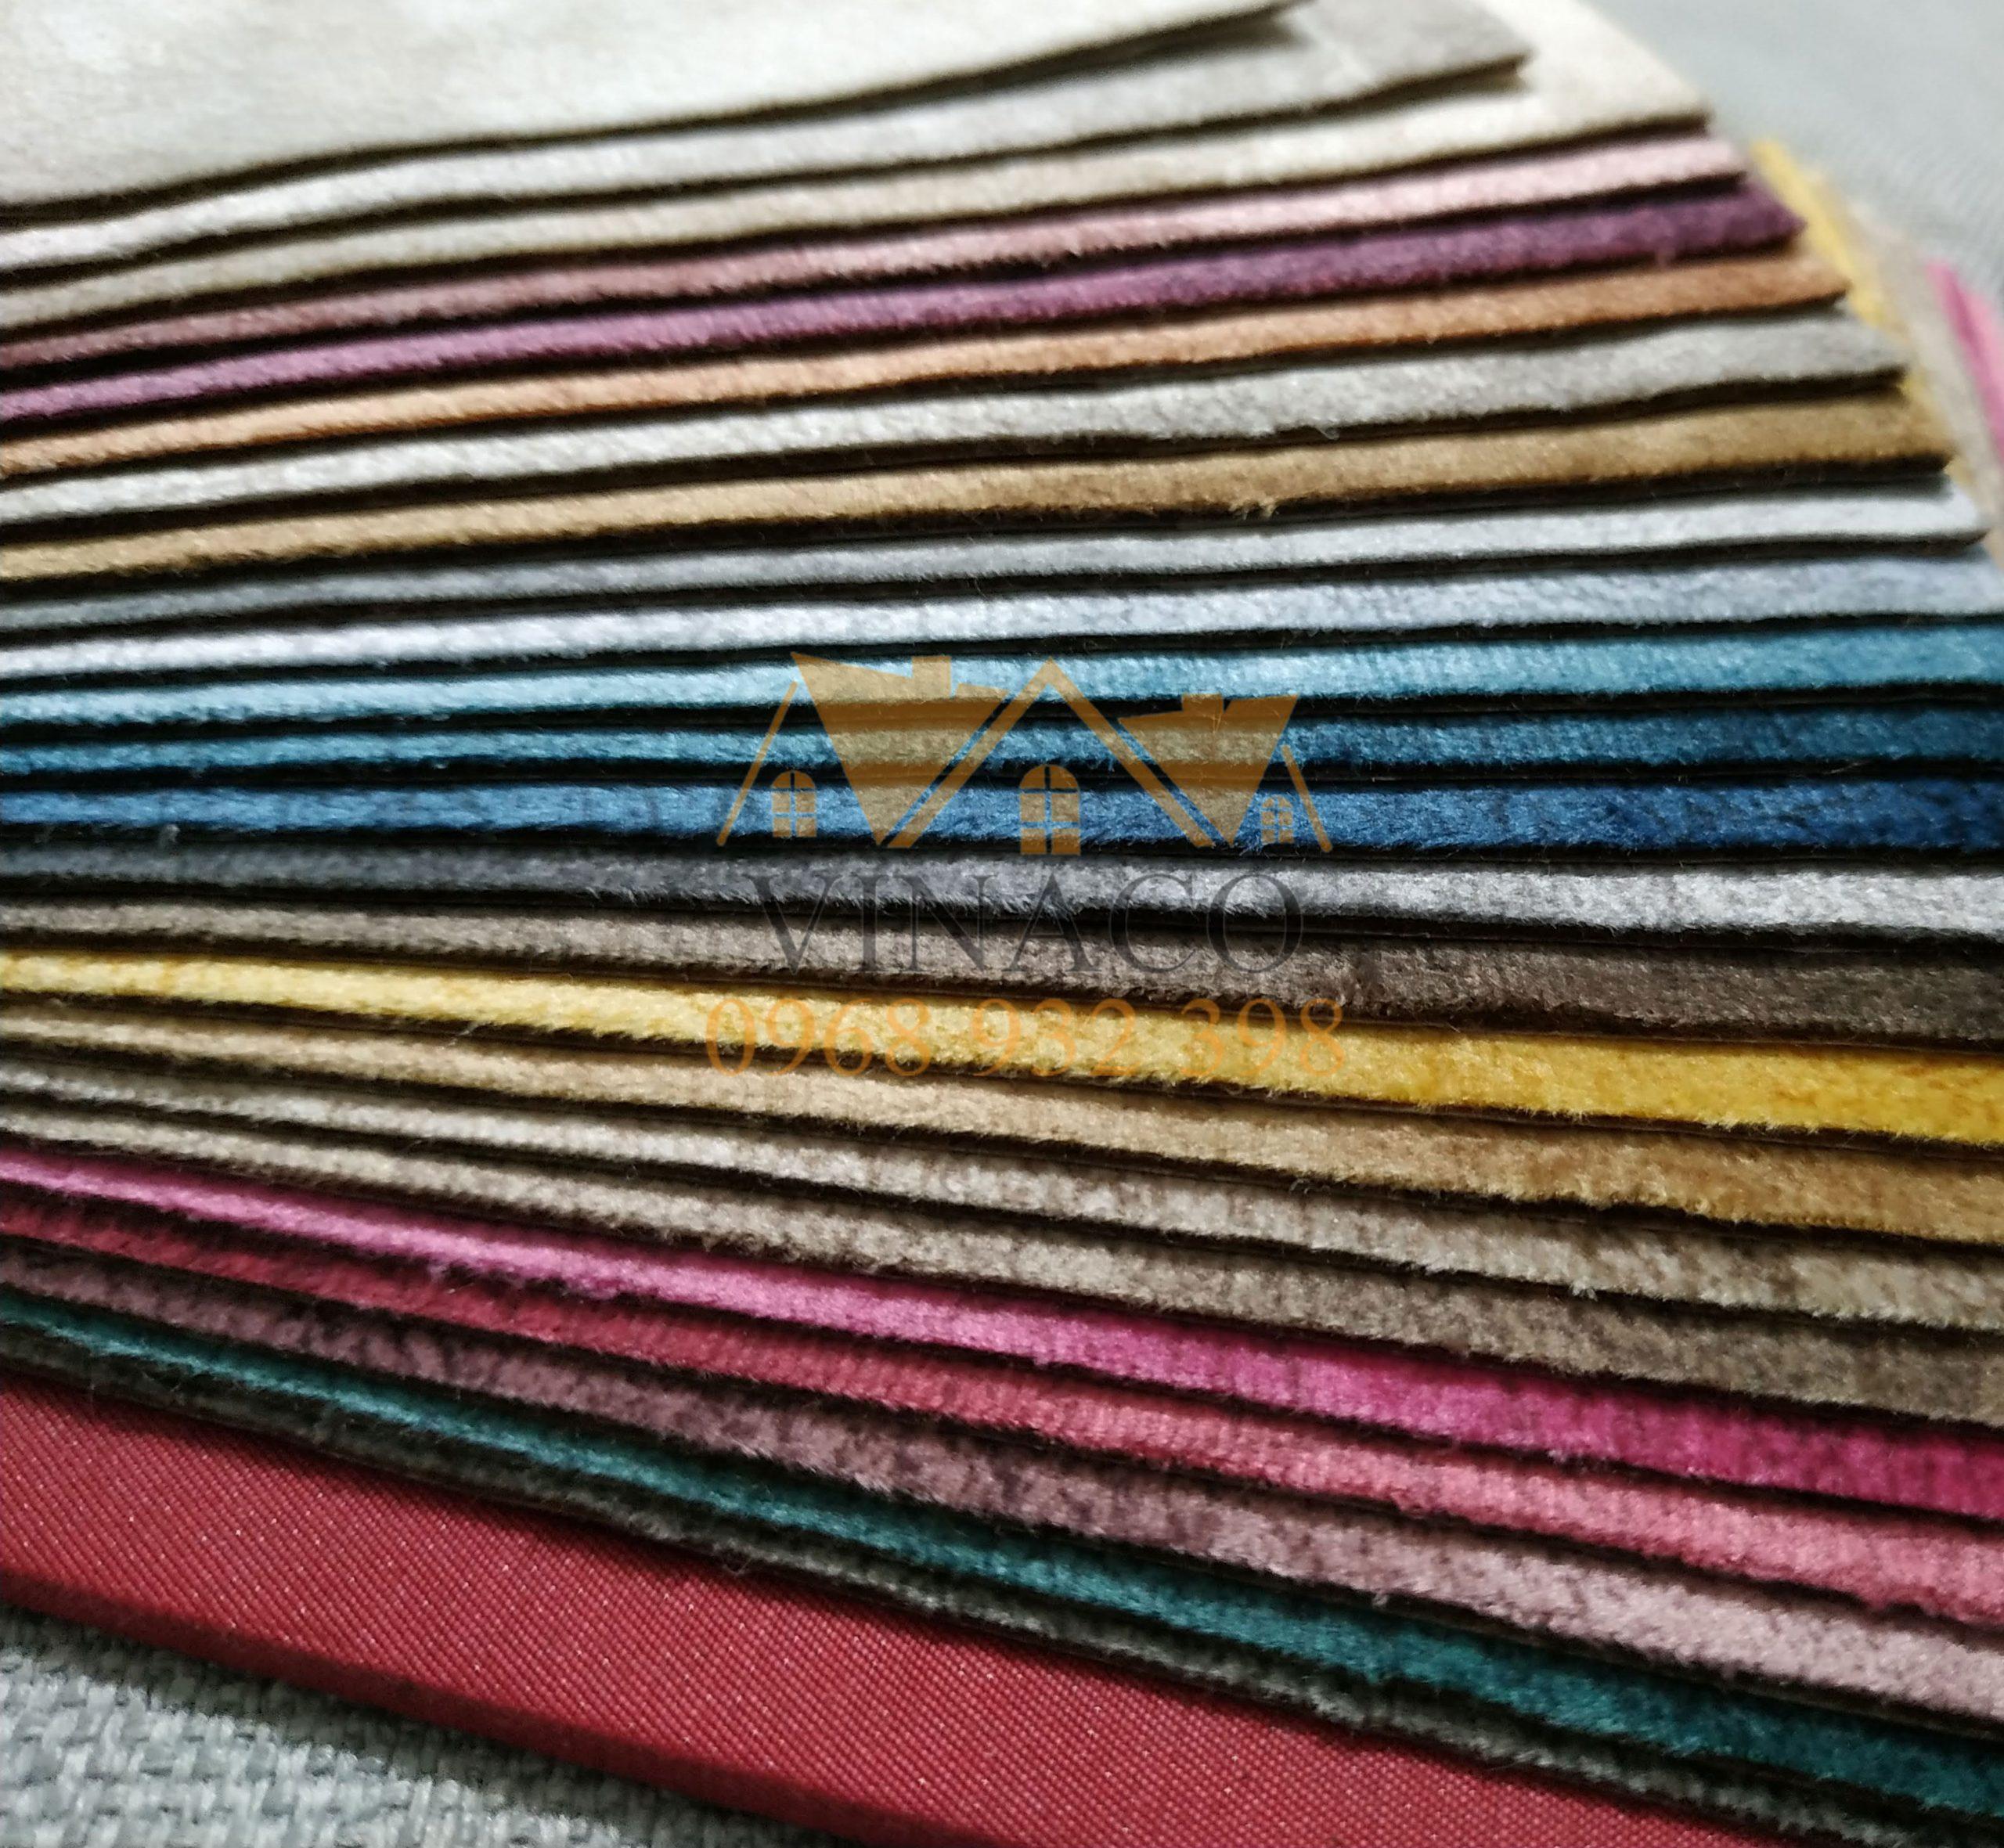 Rất nhiều màu sắc để lựa chọn theo sở thích trong mẫu vải nhung giả da này